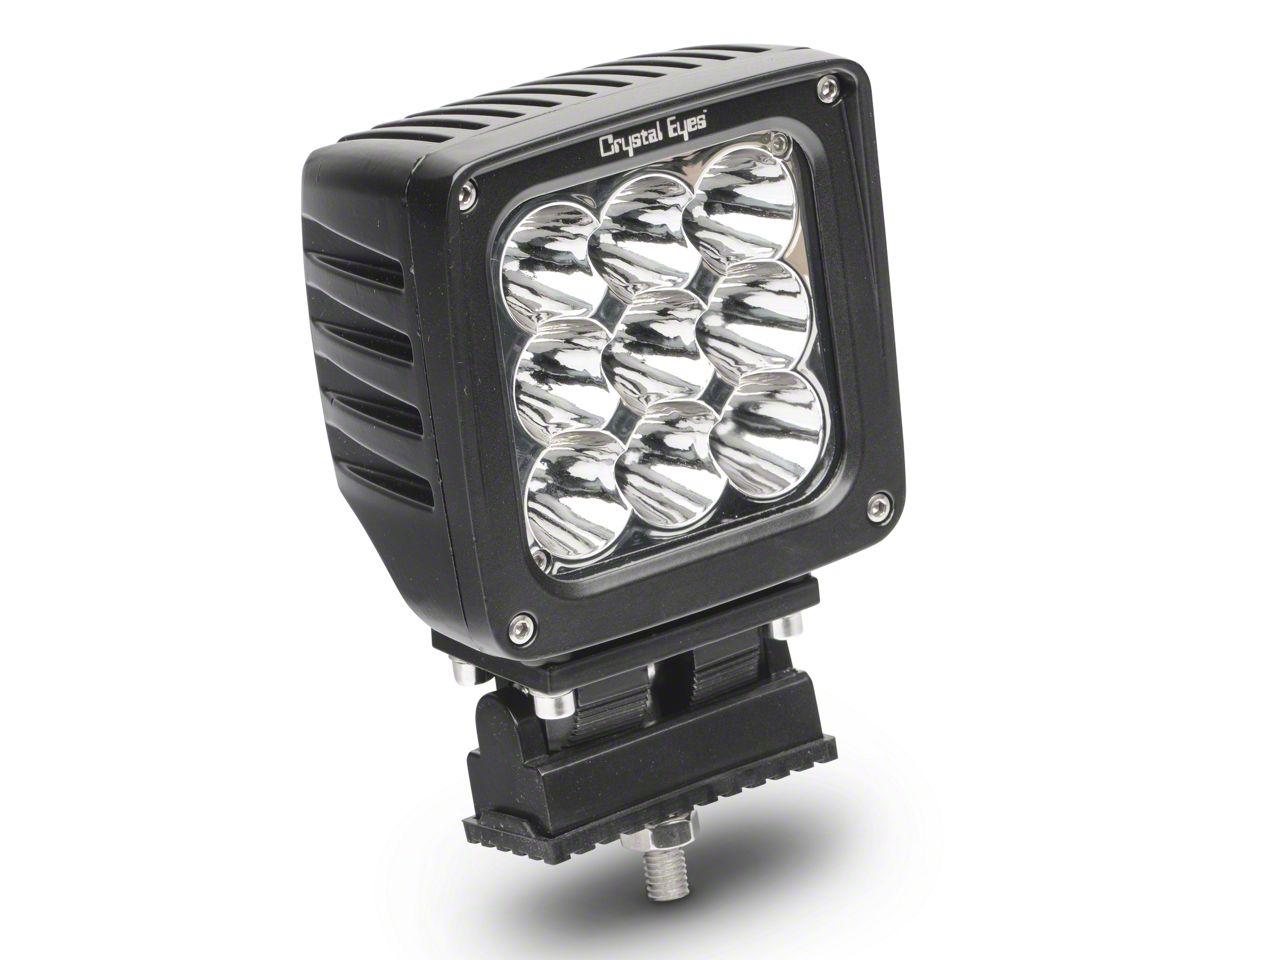 Alteon 4 in. Work LED Cube Light - 25 Degree Spot Beam